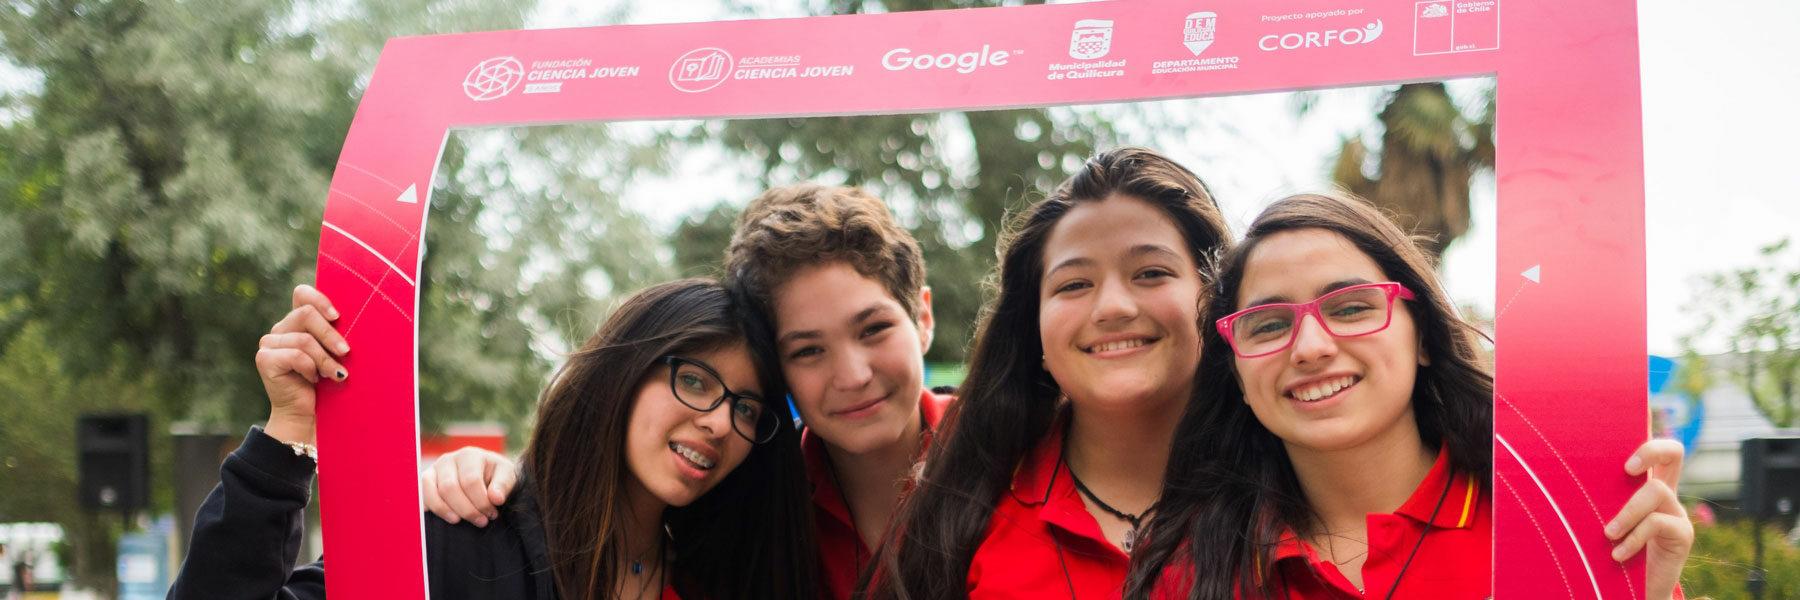 Jóvenes sonriendo sosteniendo cartel